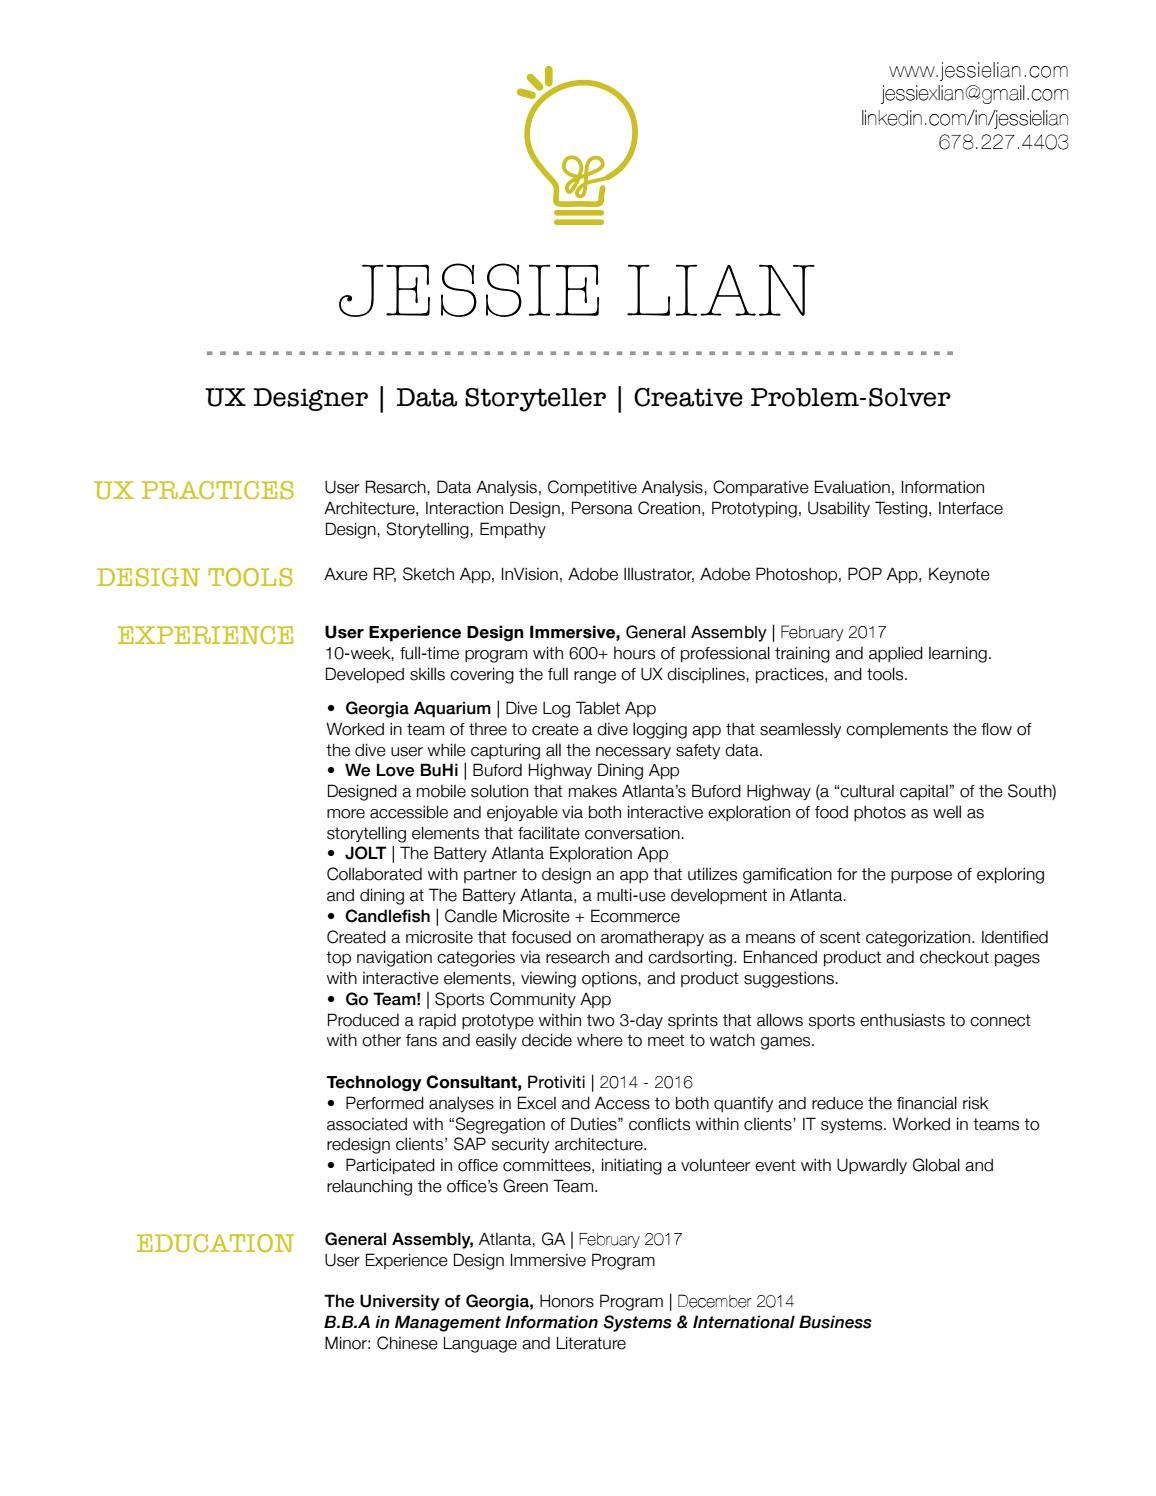 Jessie Lian Resume Ux Design By Jessie Lian Issuu